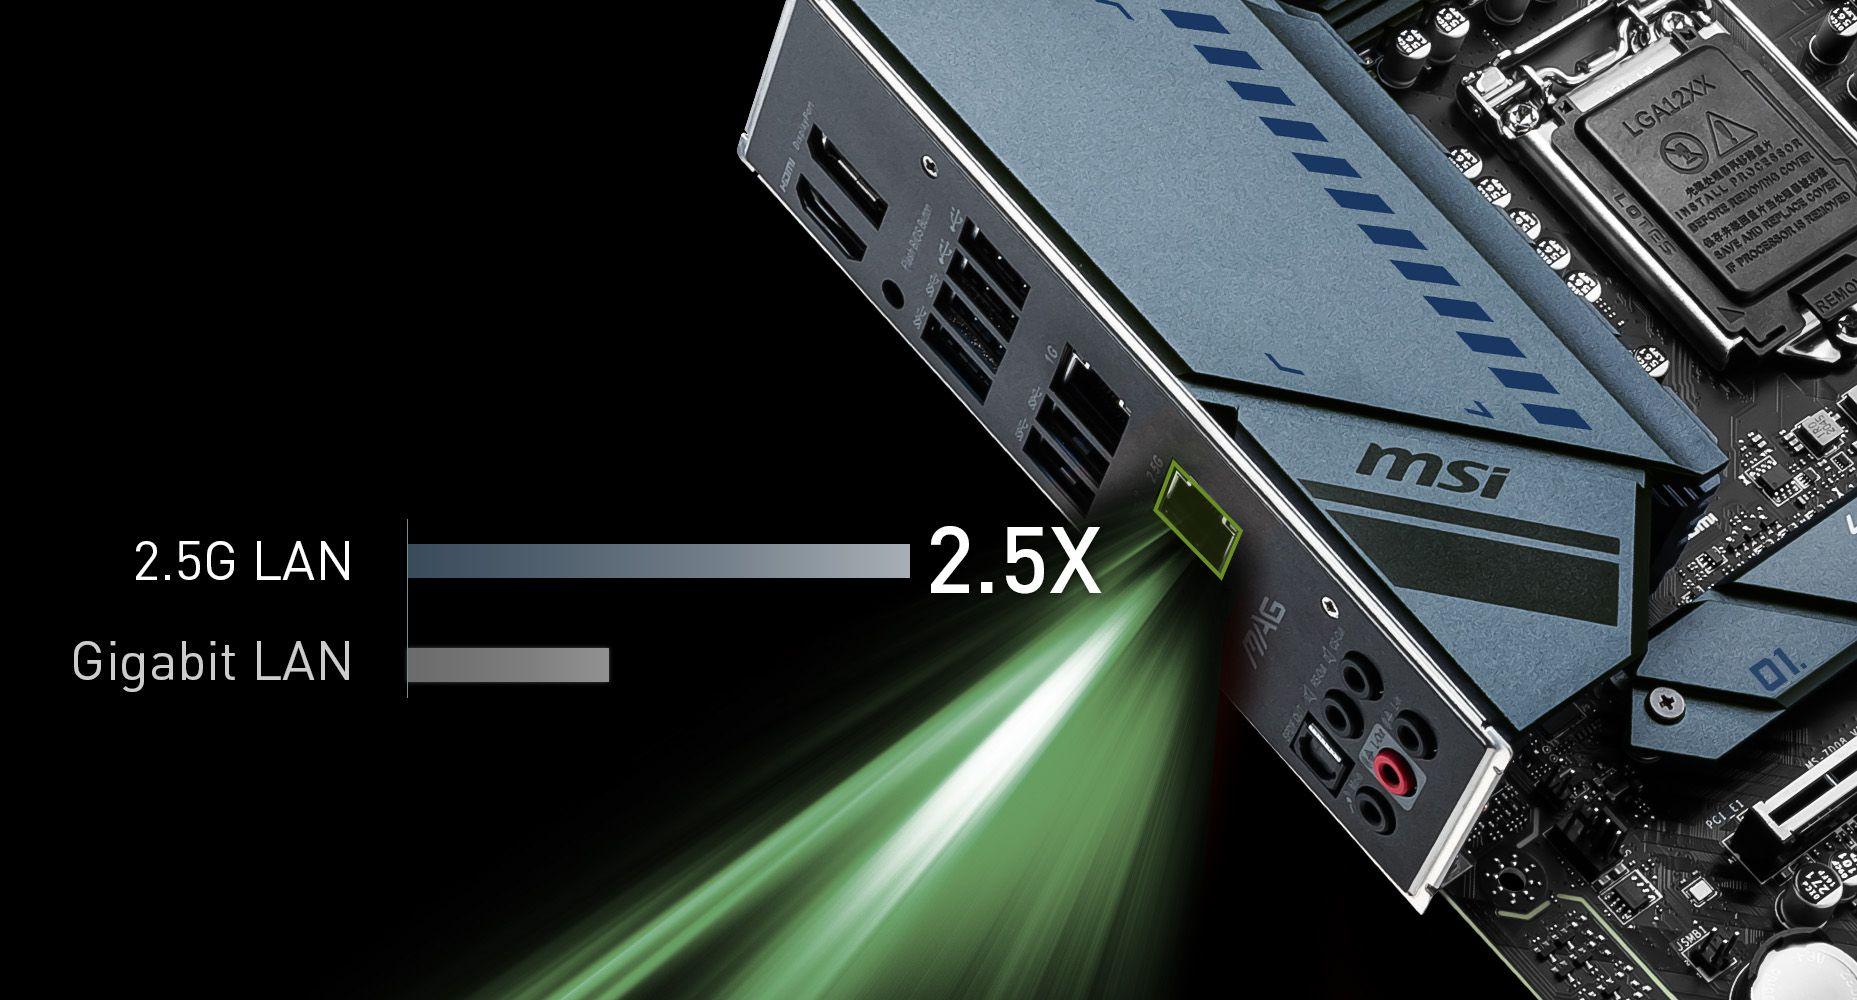 MSI MAG Z590 TORPEDO DUAL LAN WITH 2.5G LAN